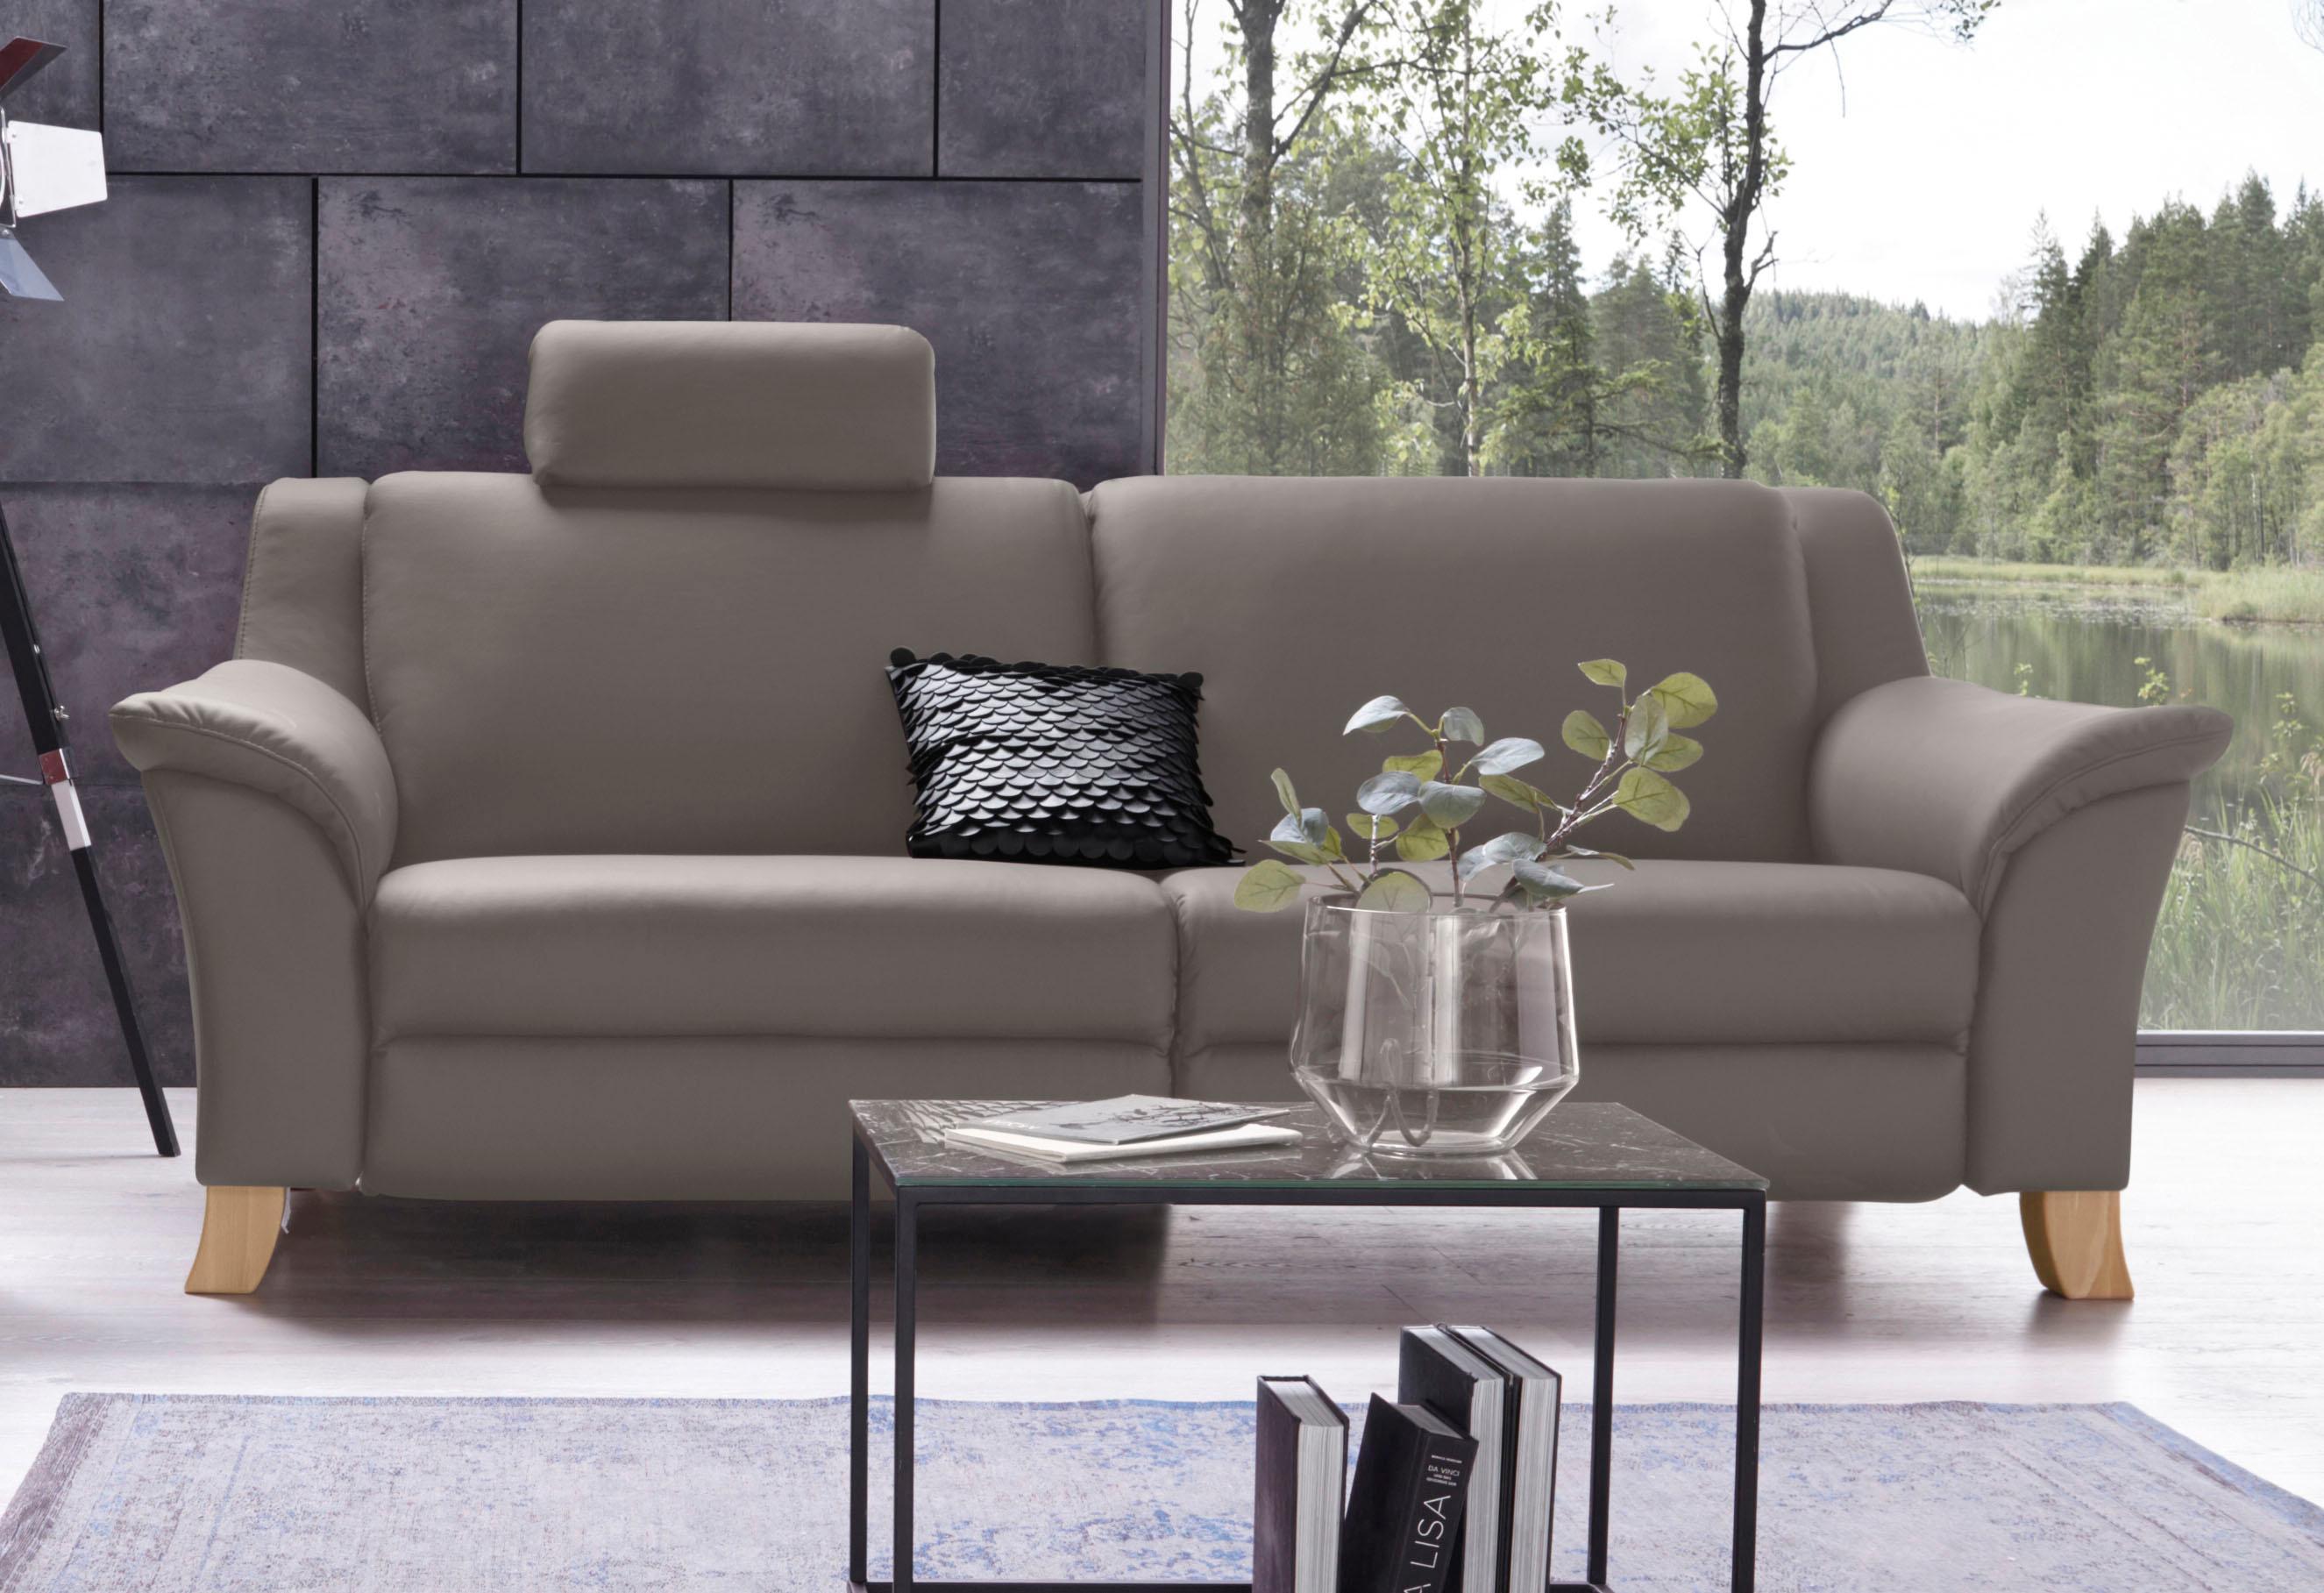 Places of Style 3-Sitzer »Kama« in vielfältigen Farben und Ausführungen | Wohnzimmer > Sofas & Couches > 2 & 3 Sitzer Sofas | Microfaser | PLACES OF STYLE